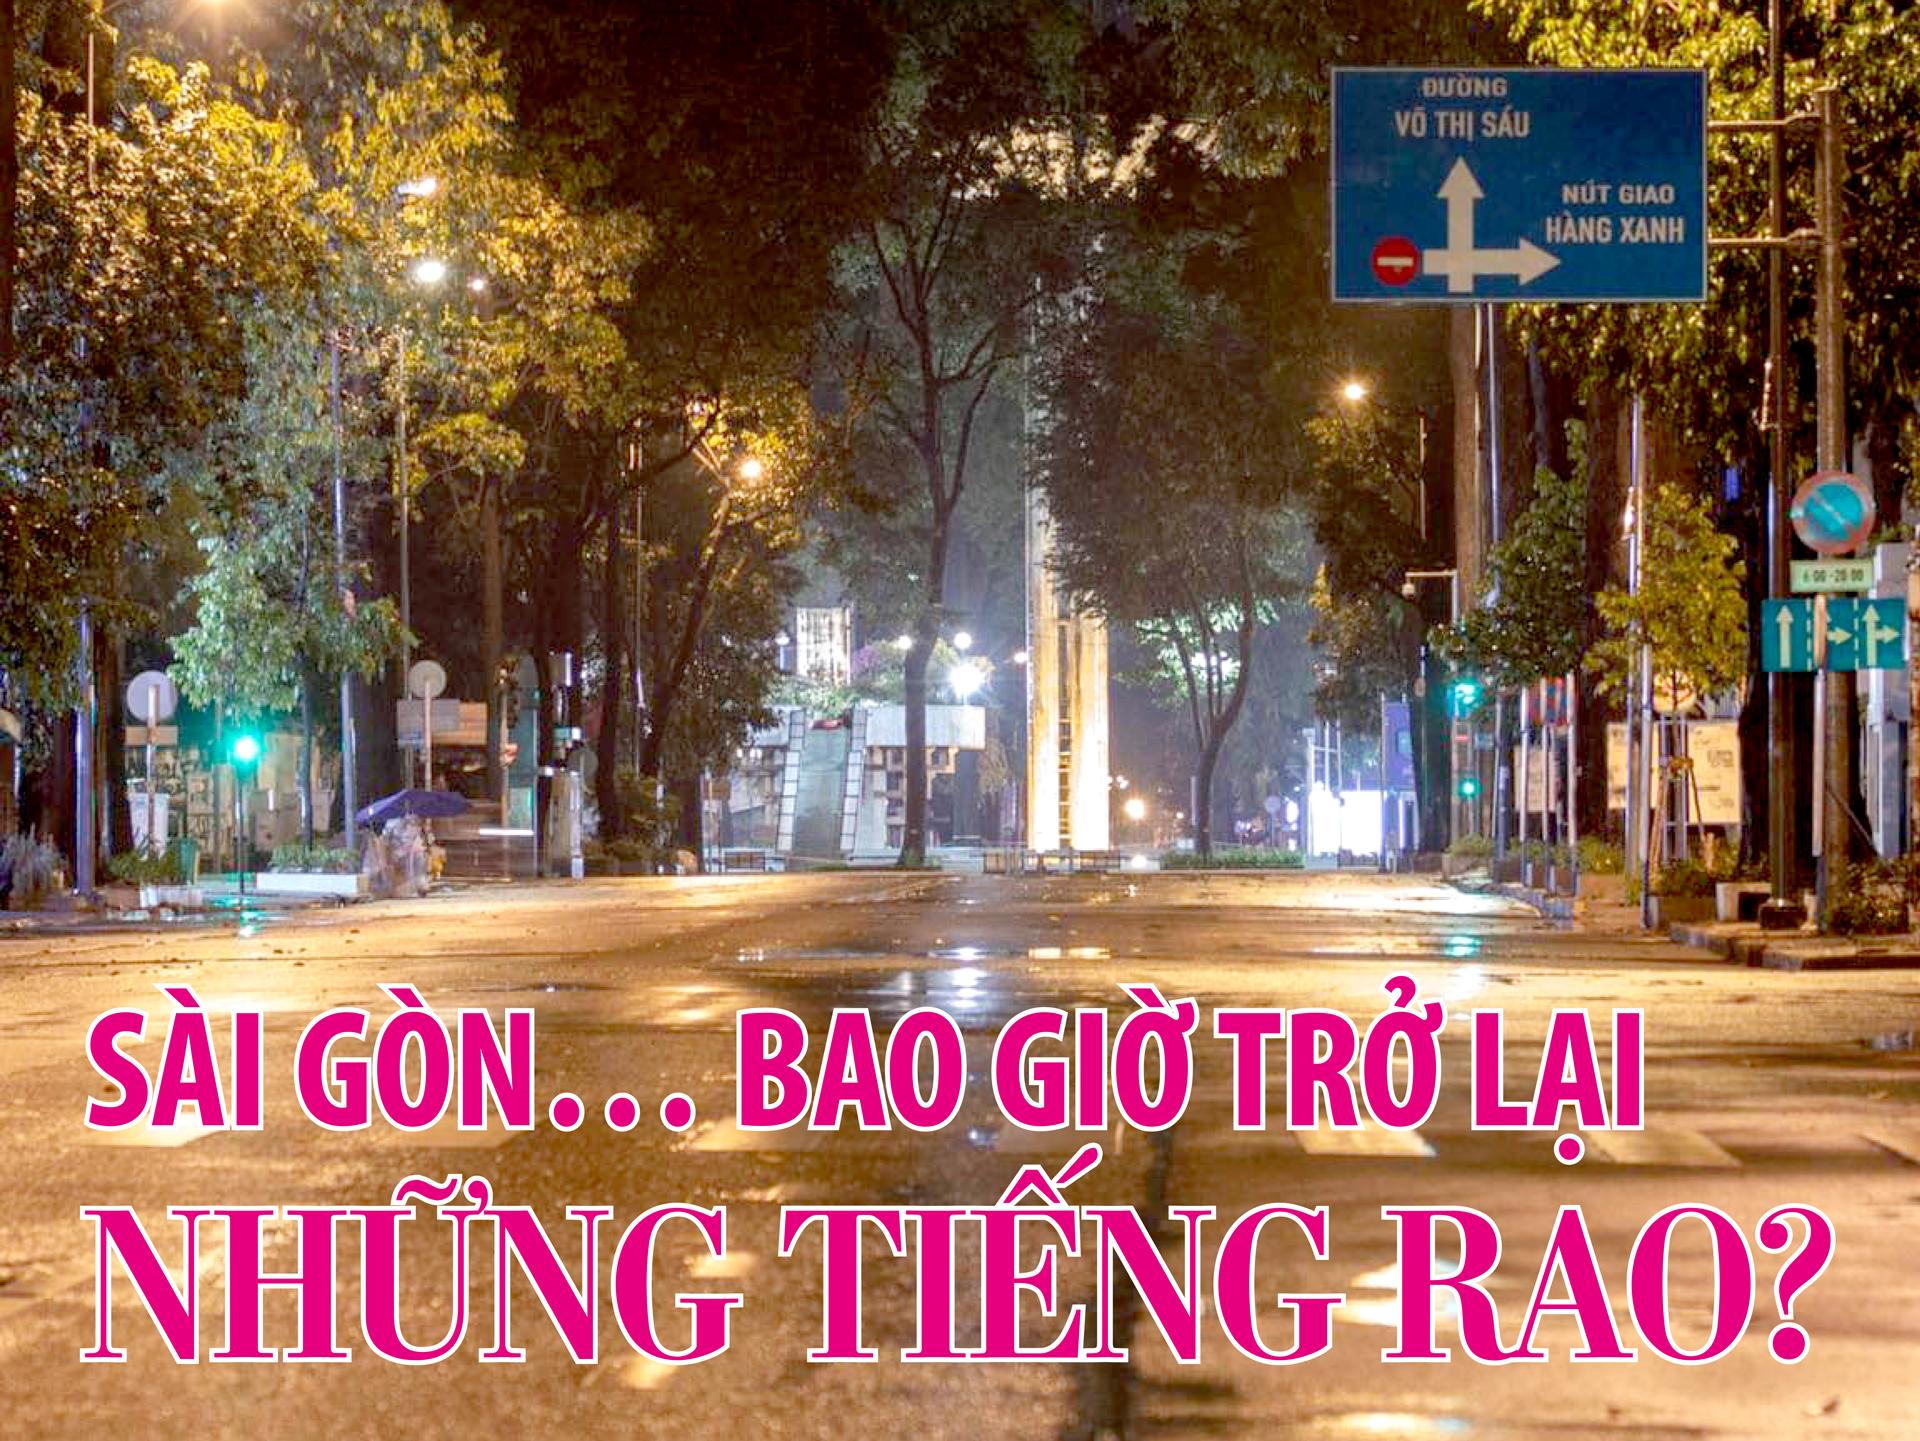 Sài Gòn… bao giờ trở lại những tiếng rao? - Ảnh 1